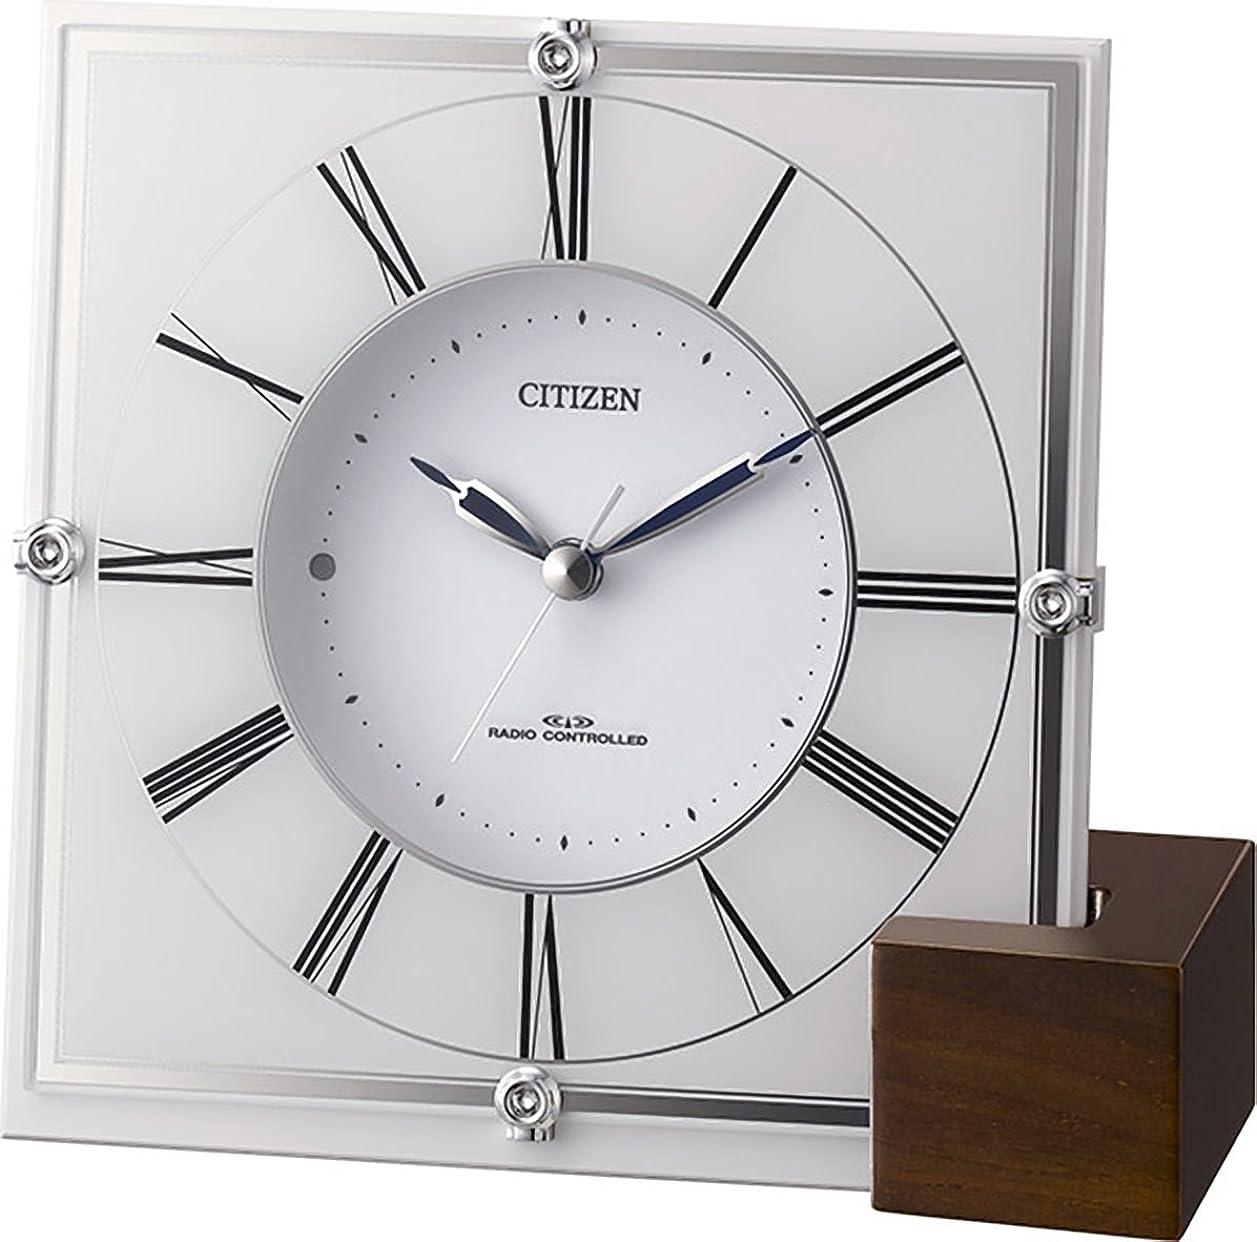 苦いポルトガル語排除するシチズン 掛け時計 電波 アナログ マリアージュ707 置き掛け兼用 木製台座 白 CITIZEN 4RY707-003